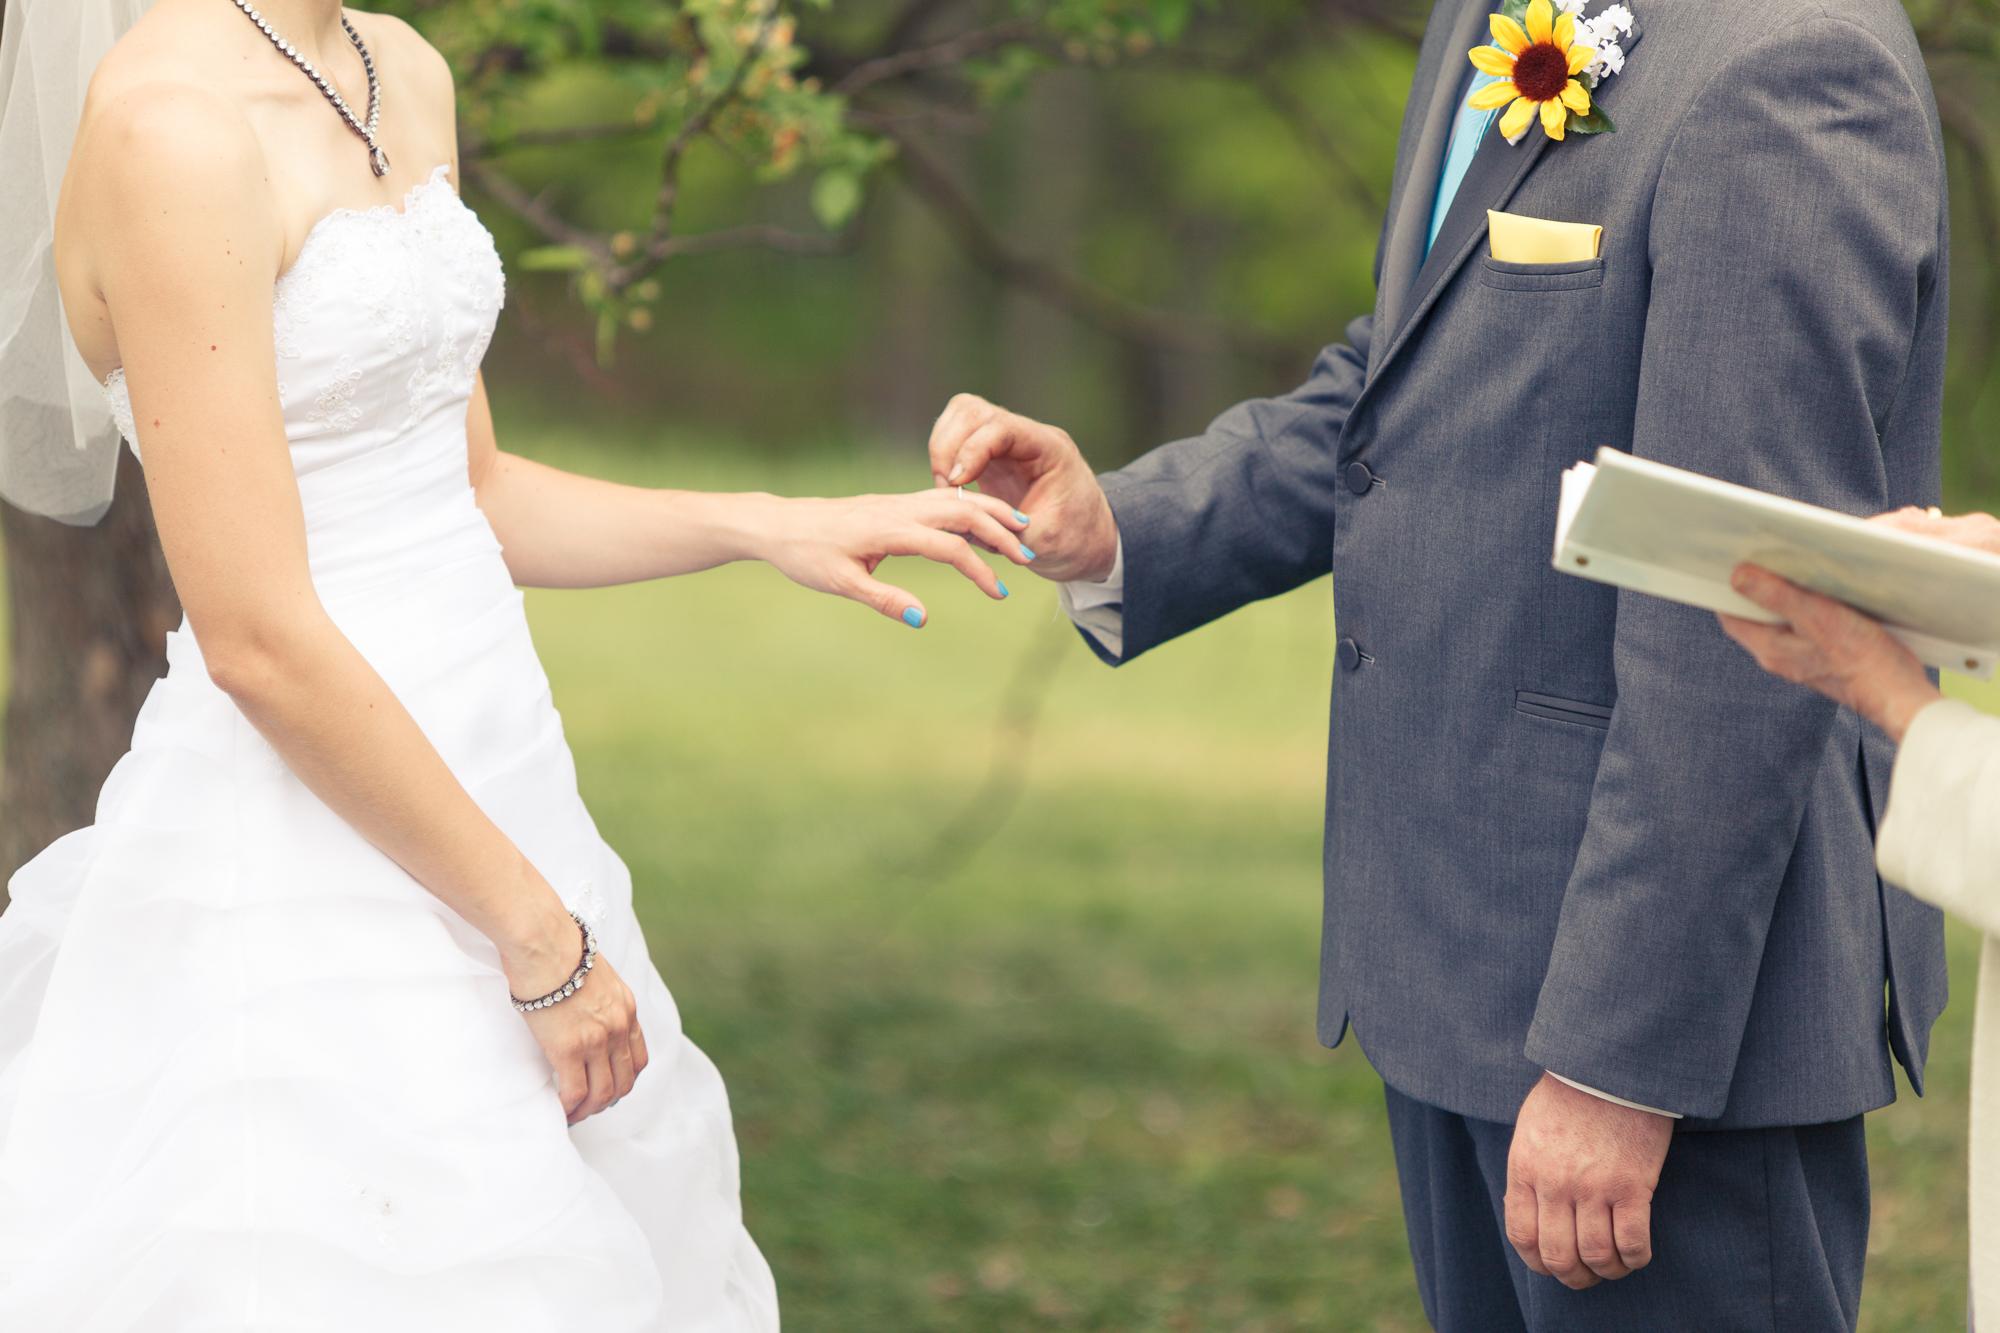 scranton-wedding-photography-zak-zavada-untitled shoot-1200.jpg